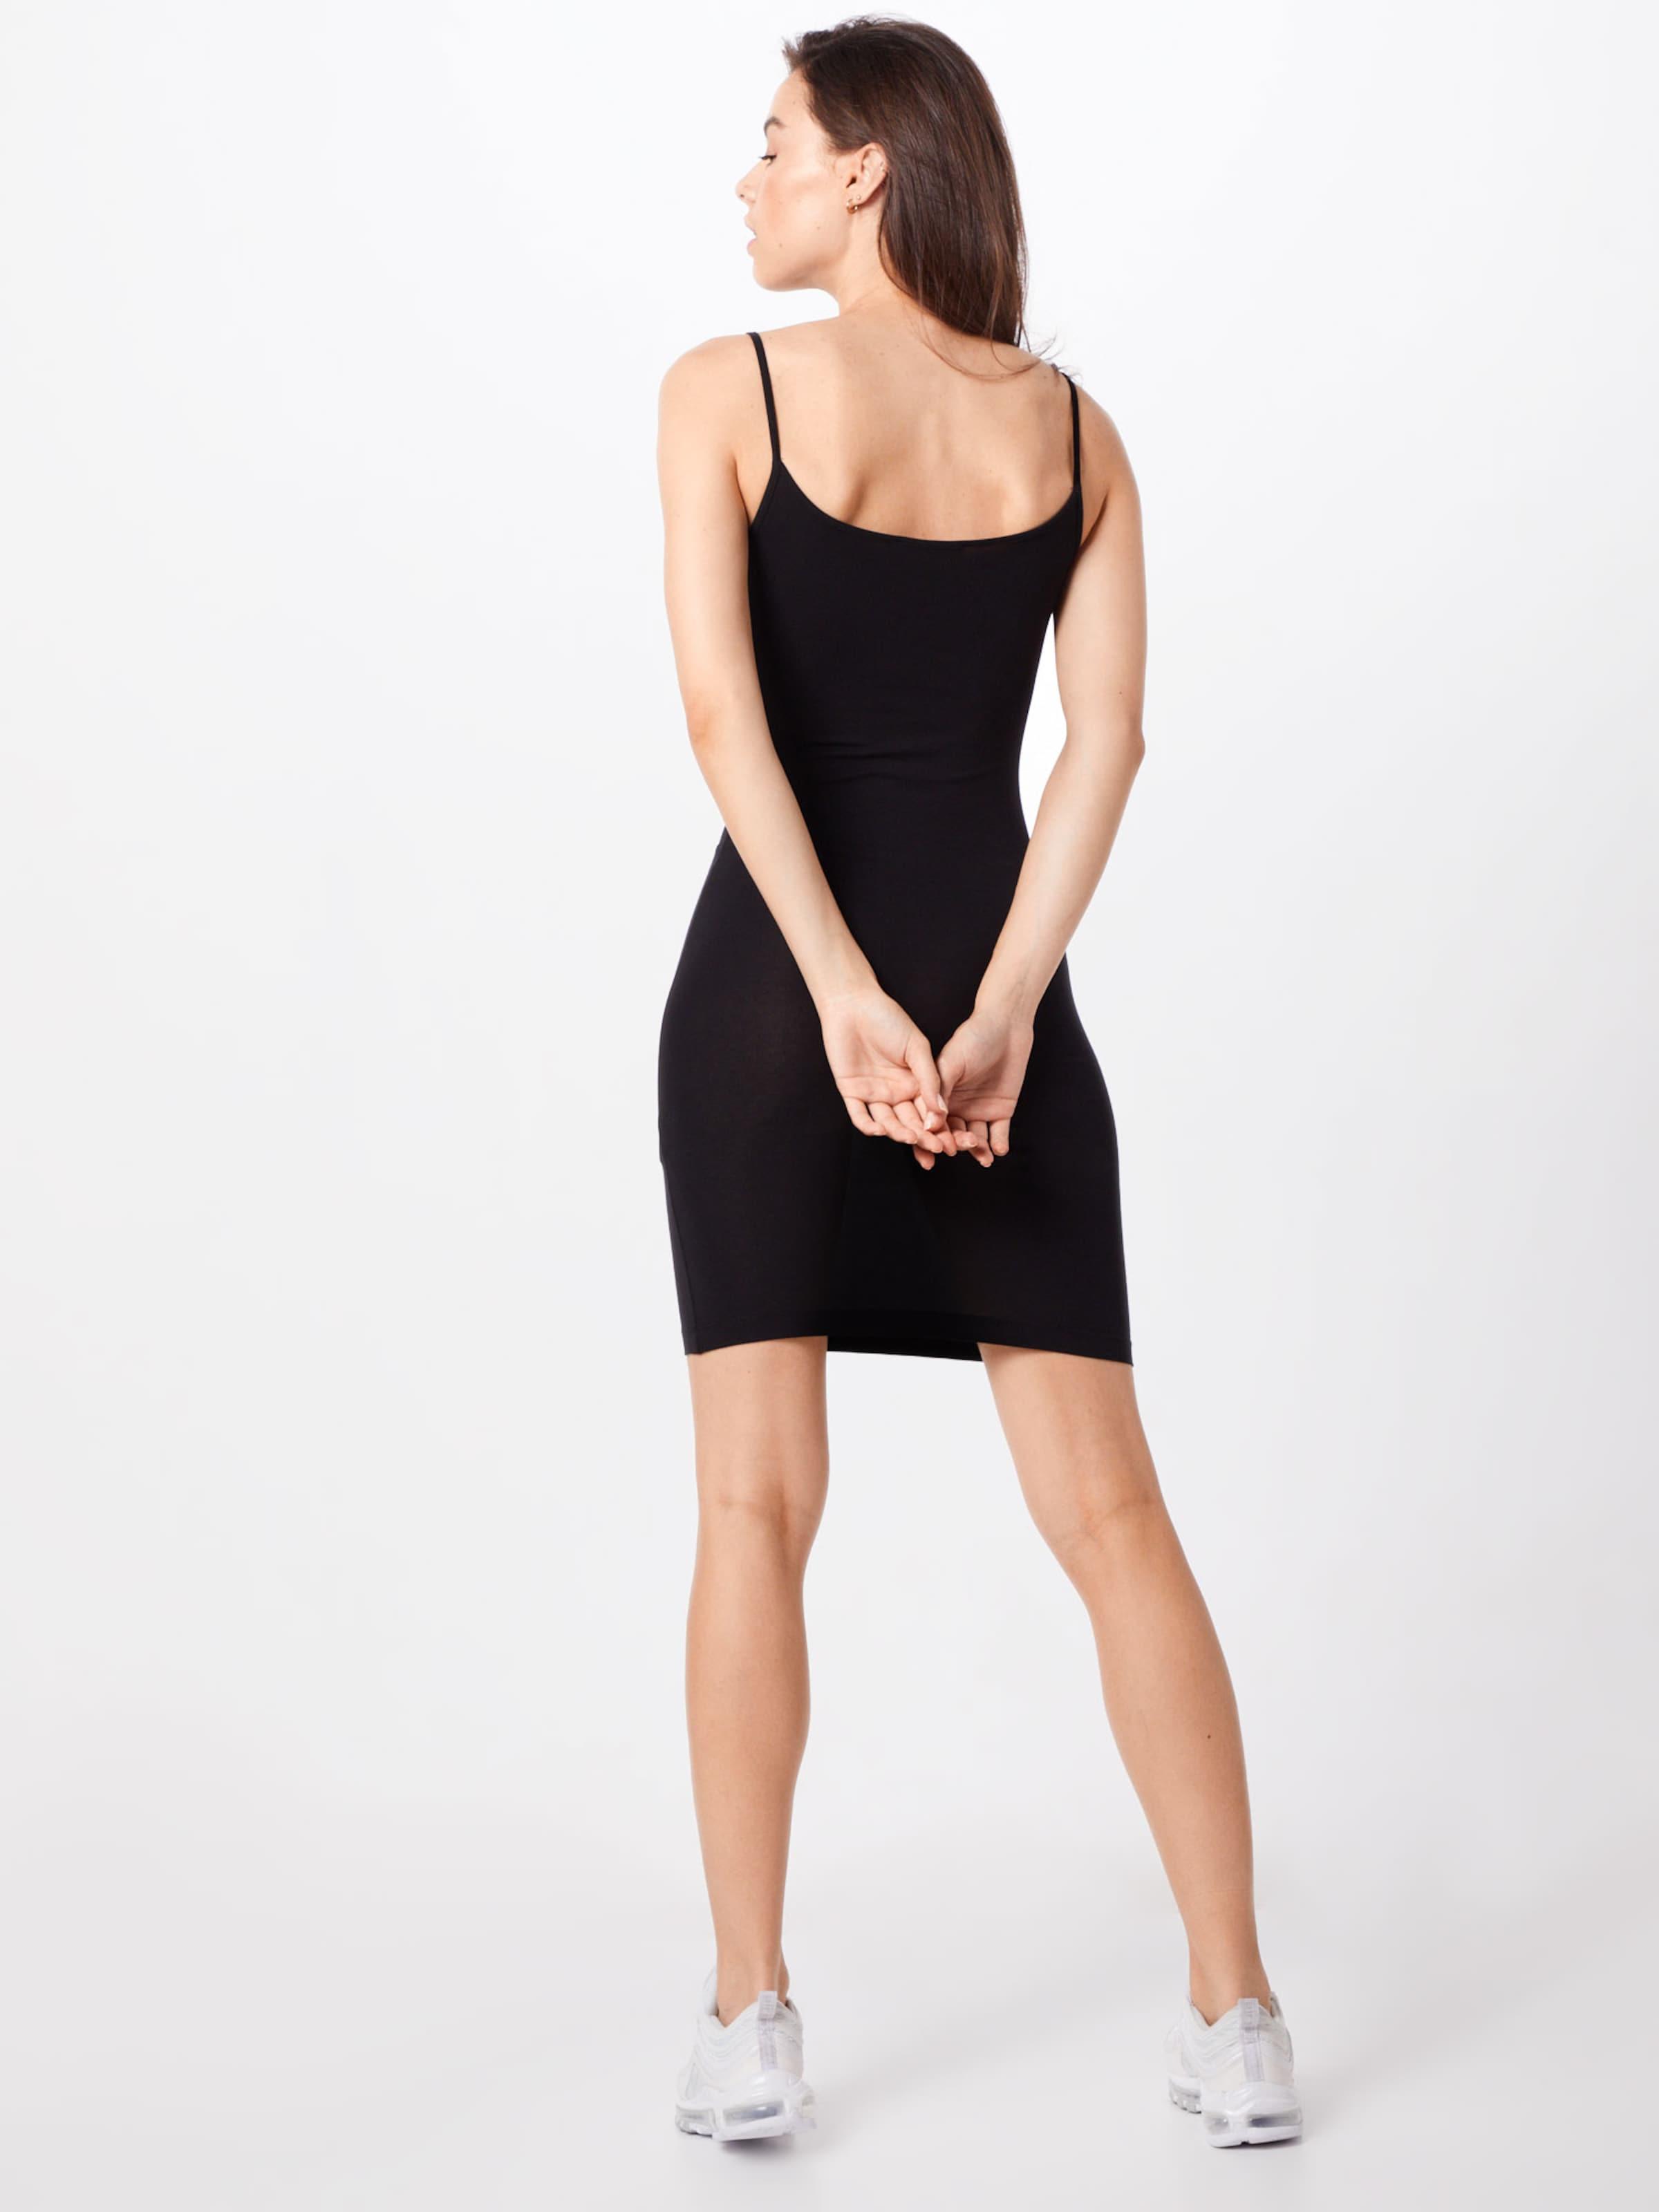 Kleid Schwarz Samsoeamp; 'talla' Kleid In Samsoeamp; HEY9IeW2bD